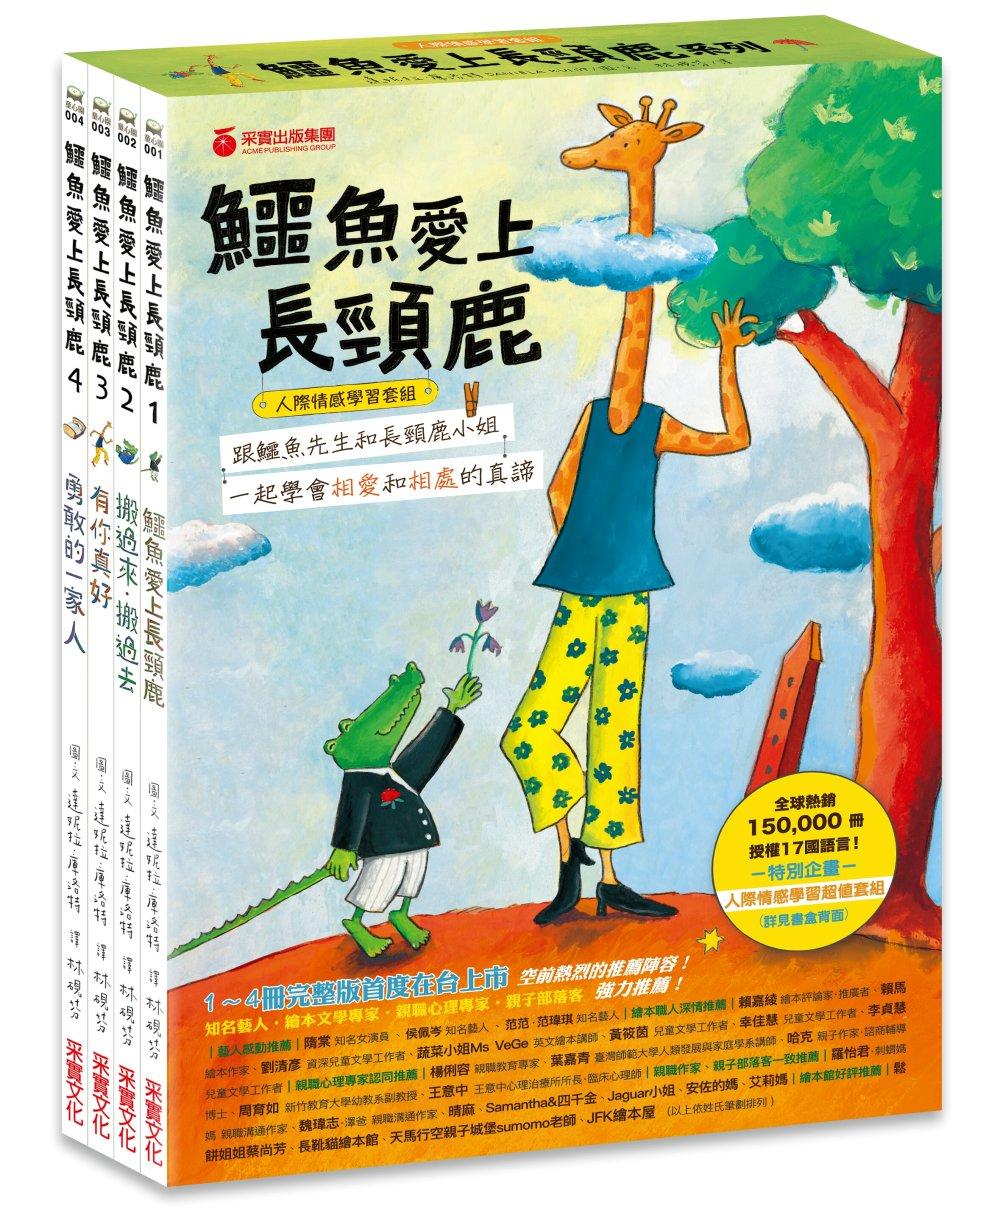 鱷魚愛上長頸鹿【人際情感學習套組】(全四冊附書盒)(附贈0~9歲分齡導讀學習手冊+身高尺)